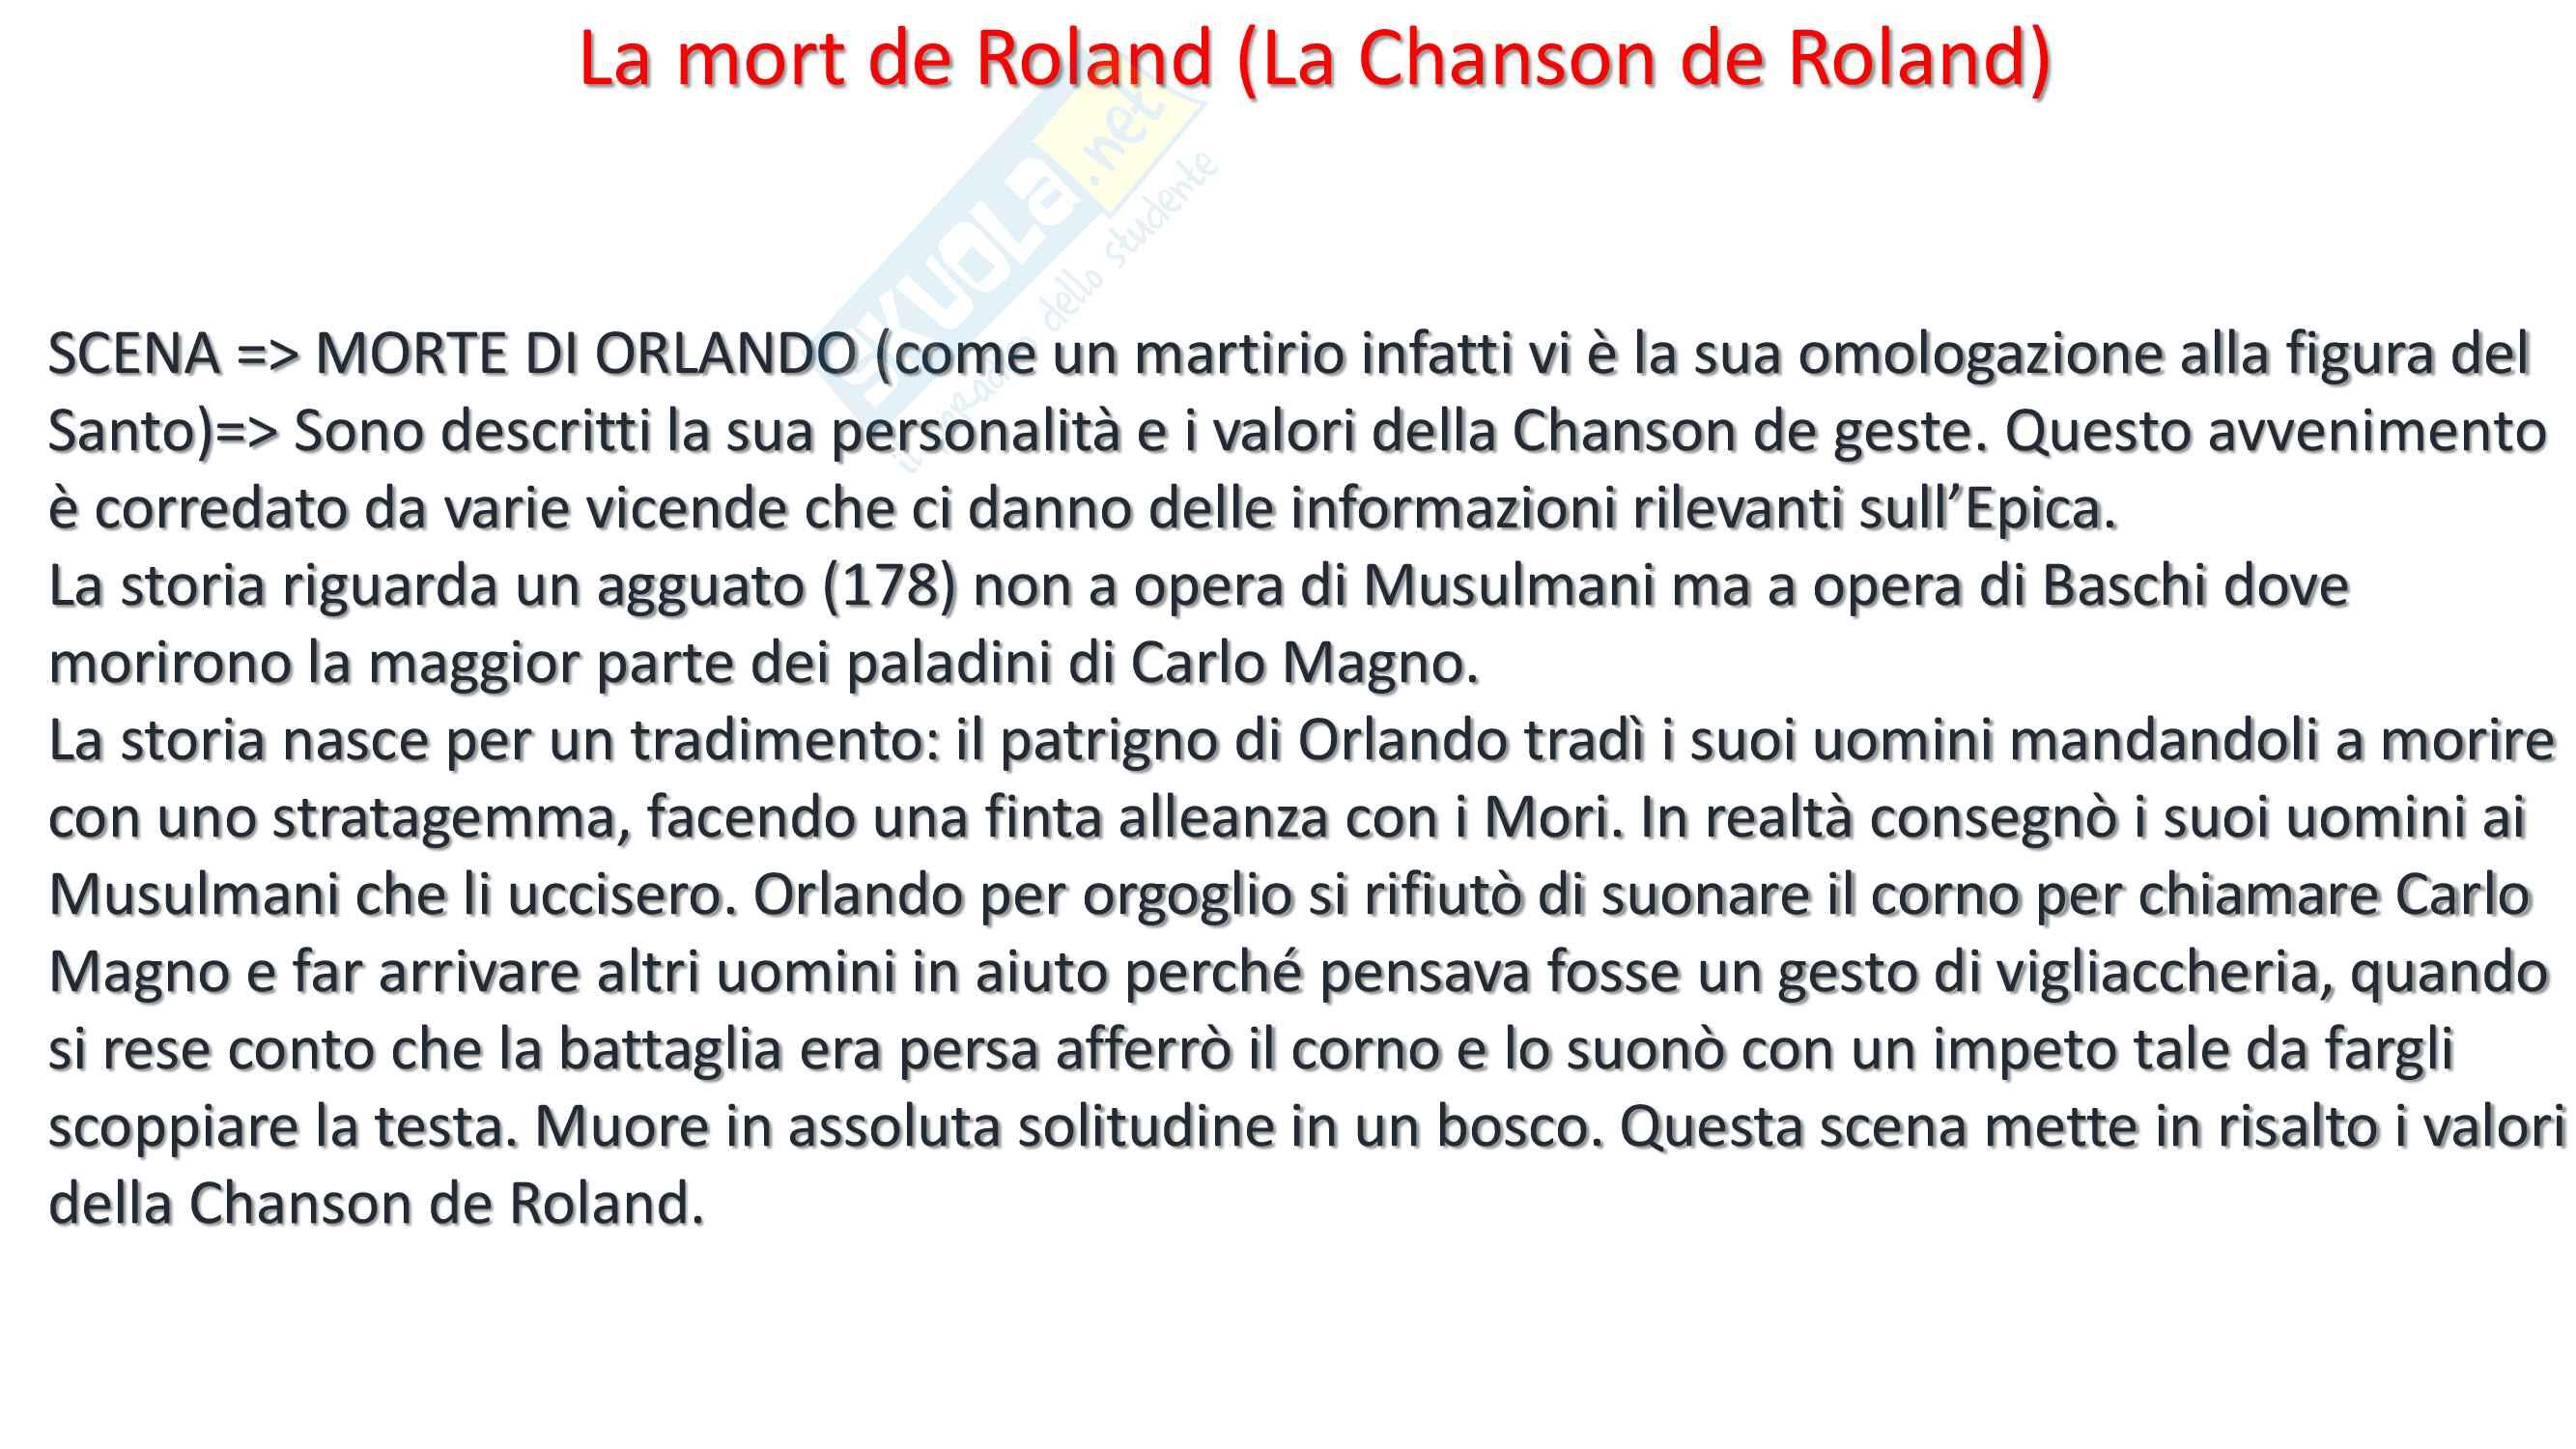 Analisi La mort de Roland